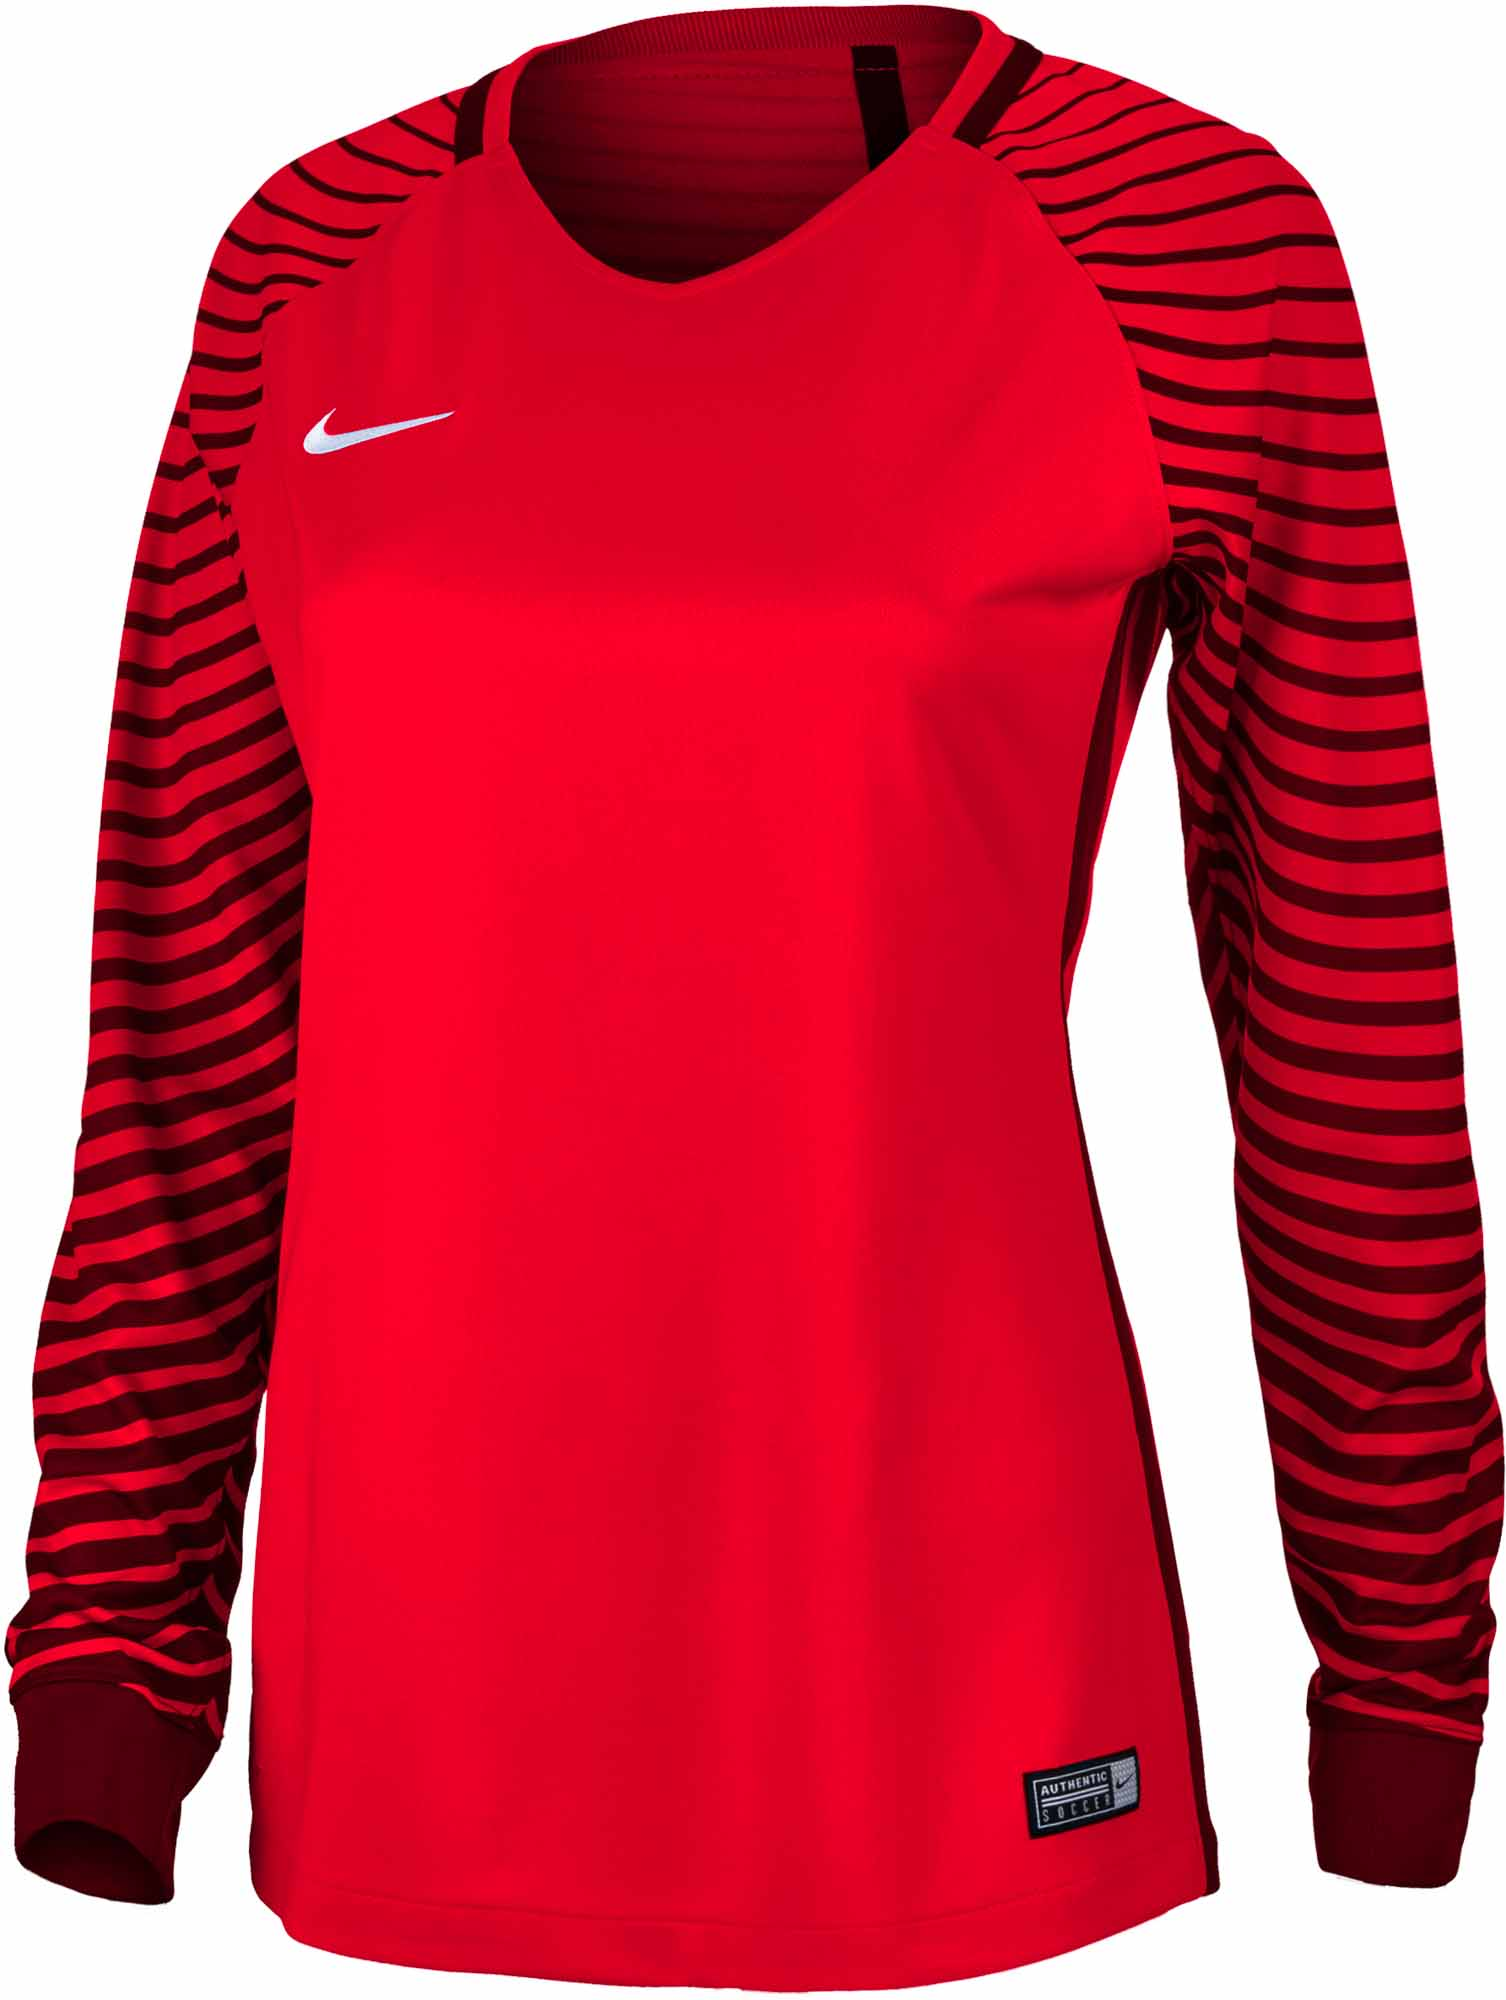 803e312545a Nike Womens Gardien Goalkeeper Jersey - Bright Crimson & Deep Garnet